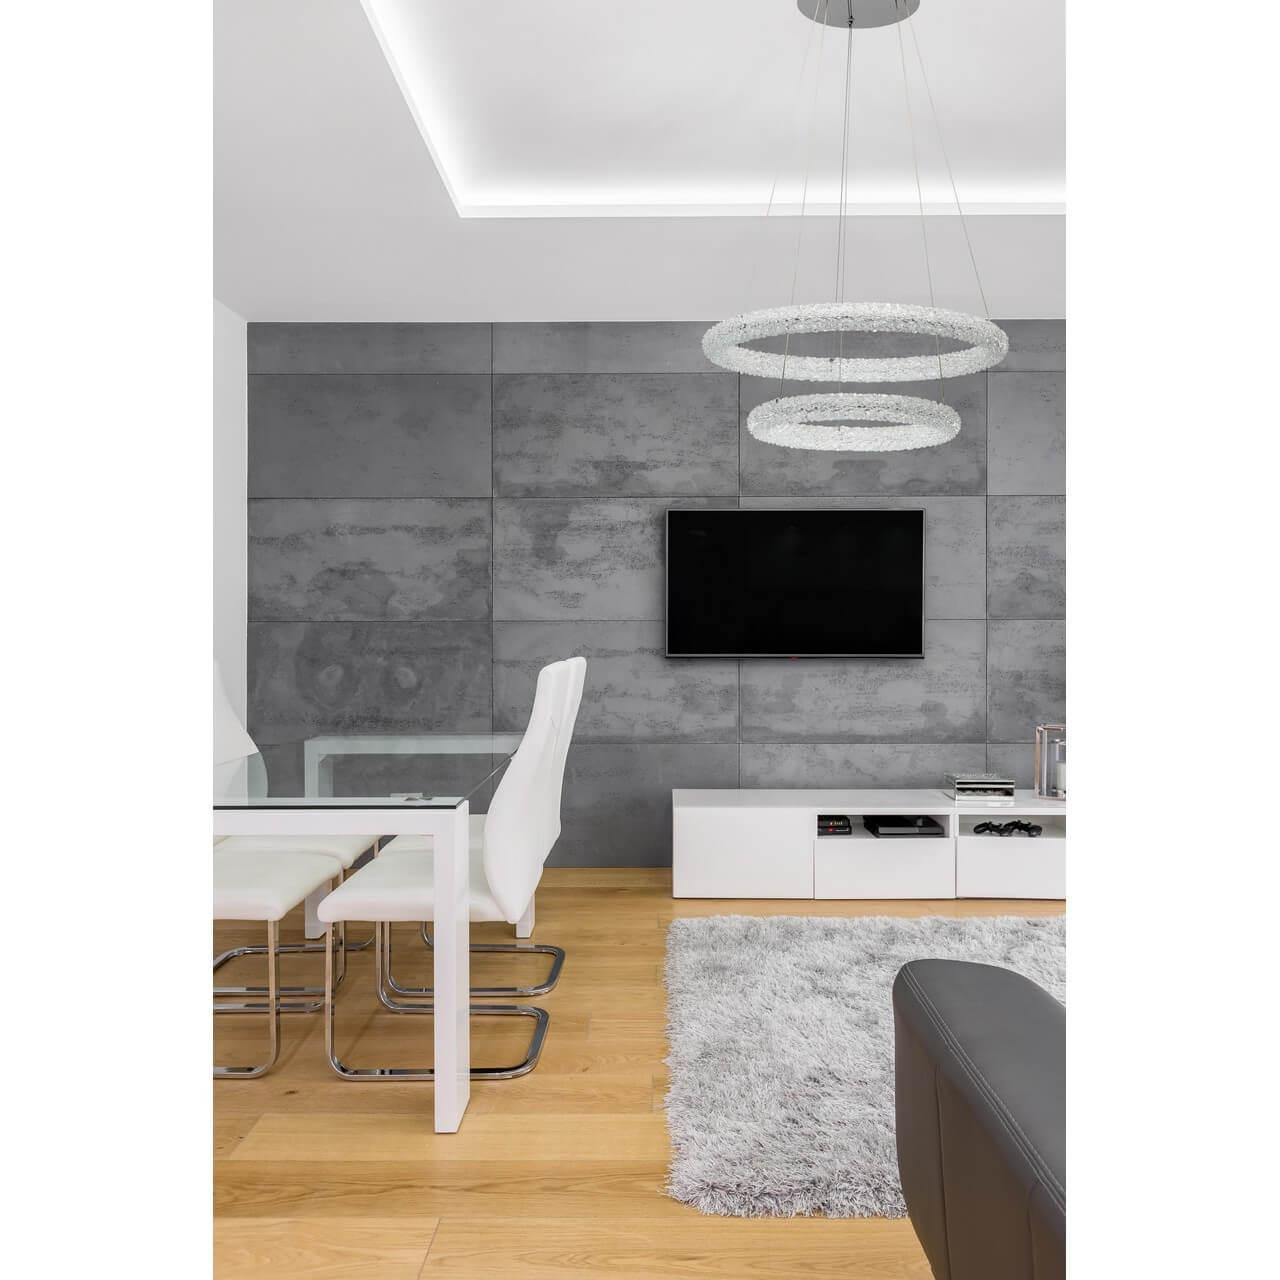 Подвесной светодиодный светильник Chiaro Гослар 11 498014202 цена и фото